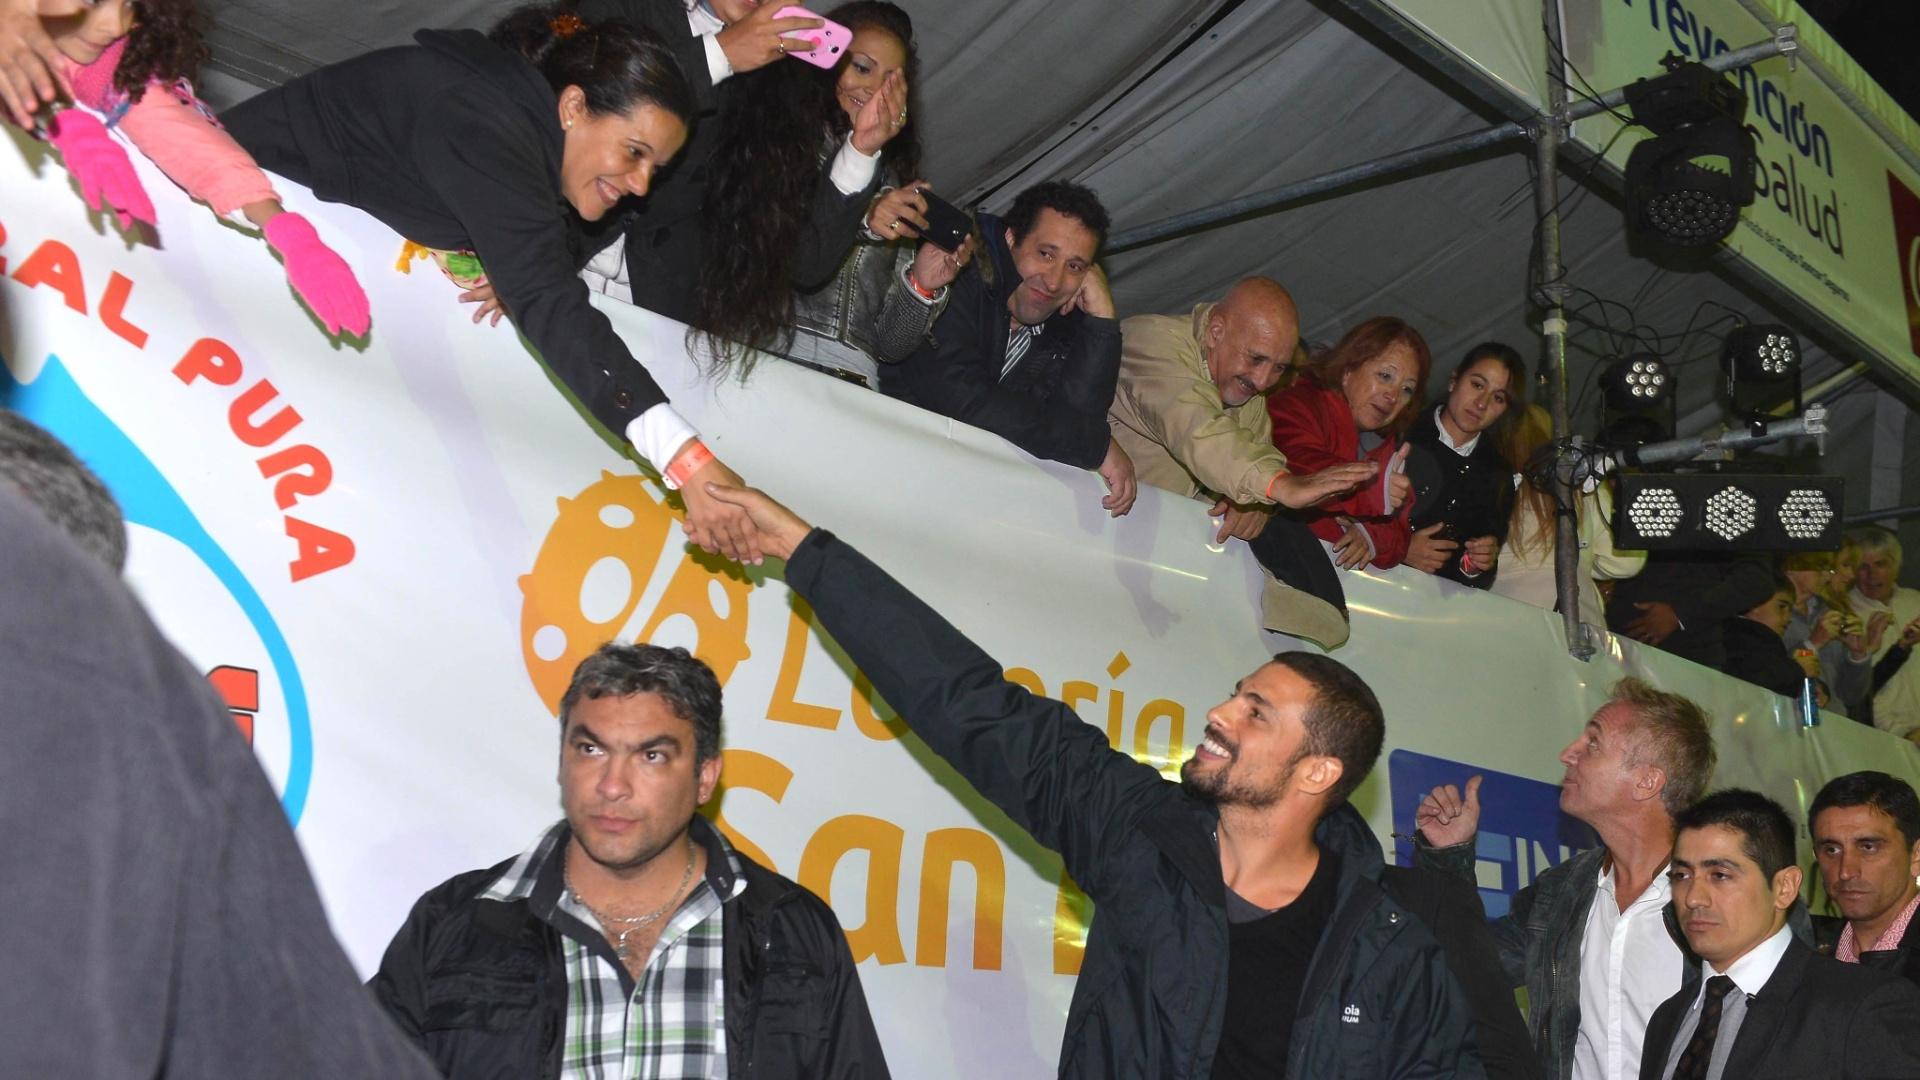 23.mar.2014 - O ator Cauã Reymond cumprimenta fã na quinta edição do Carnaval da cidade de San Luís, na Argentina. Ele é conhecido no país pelo Jorginho de